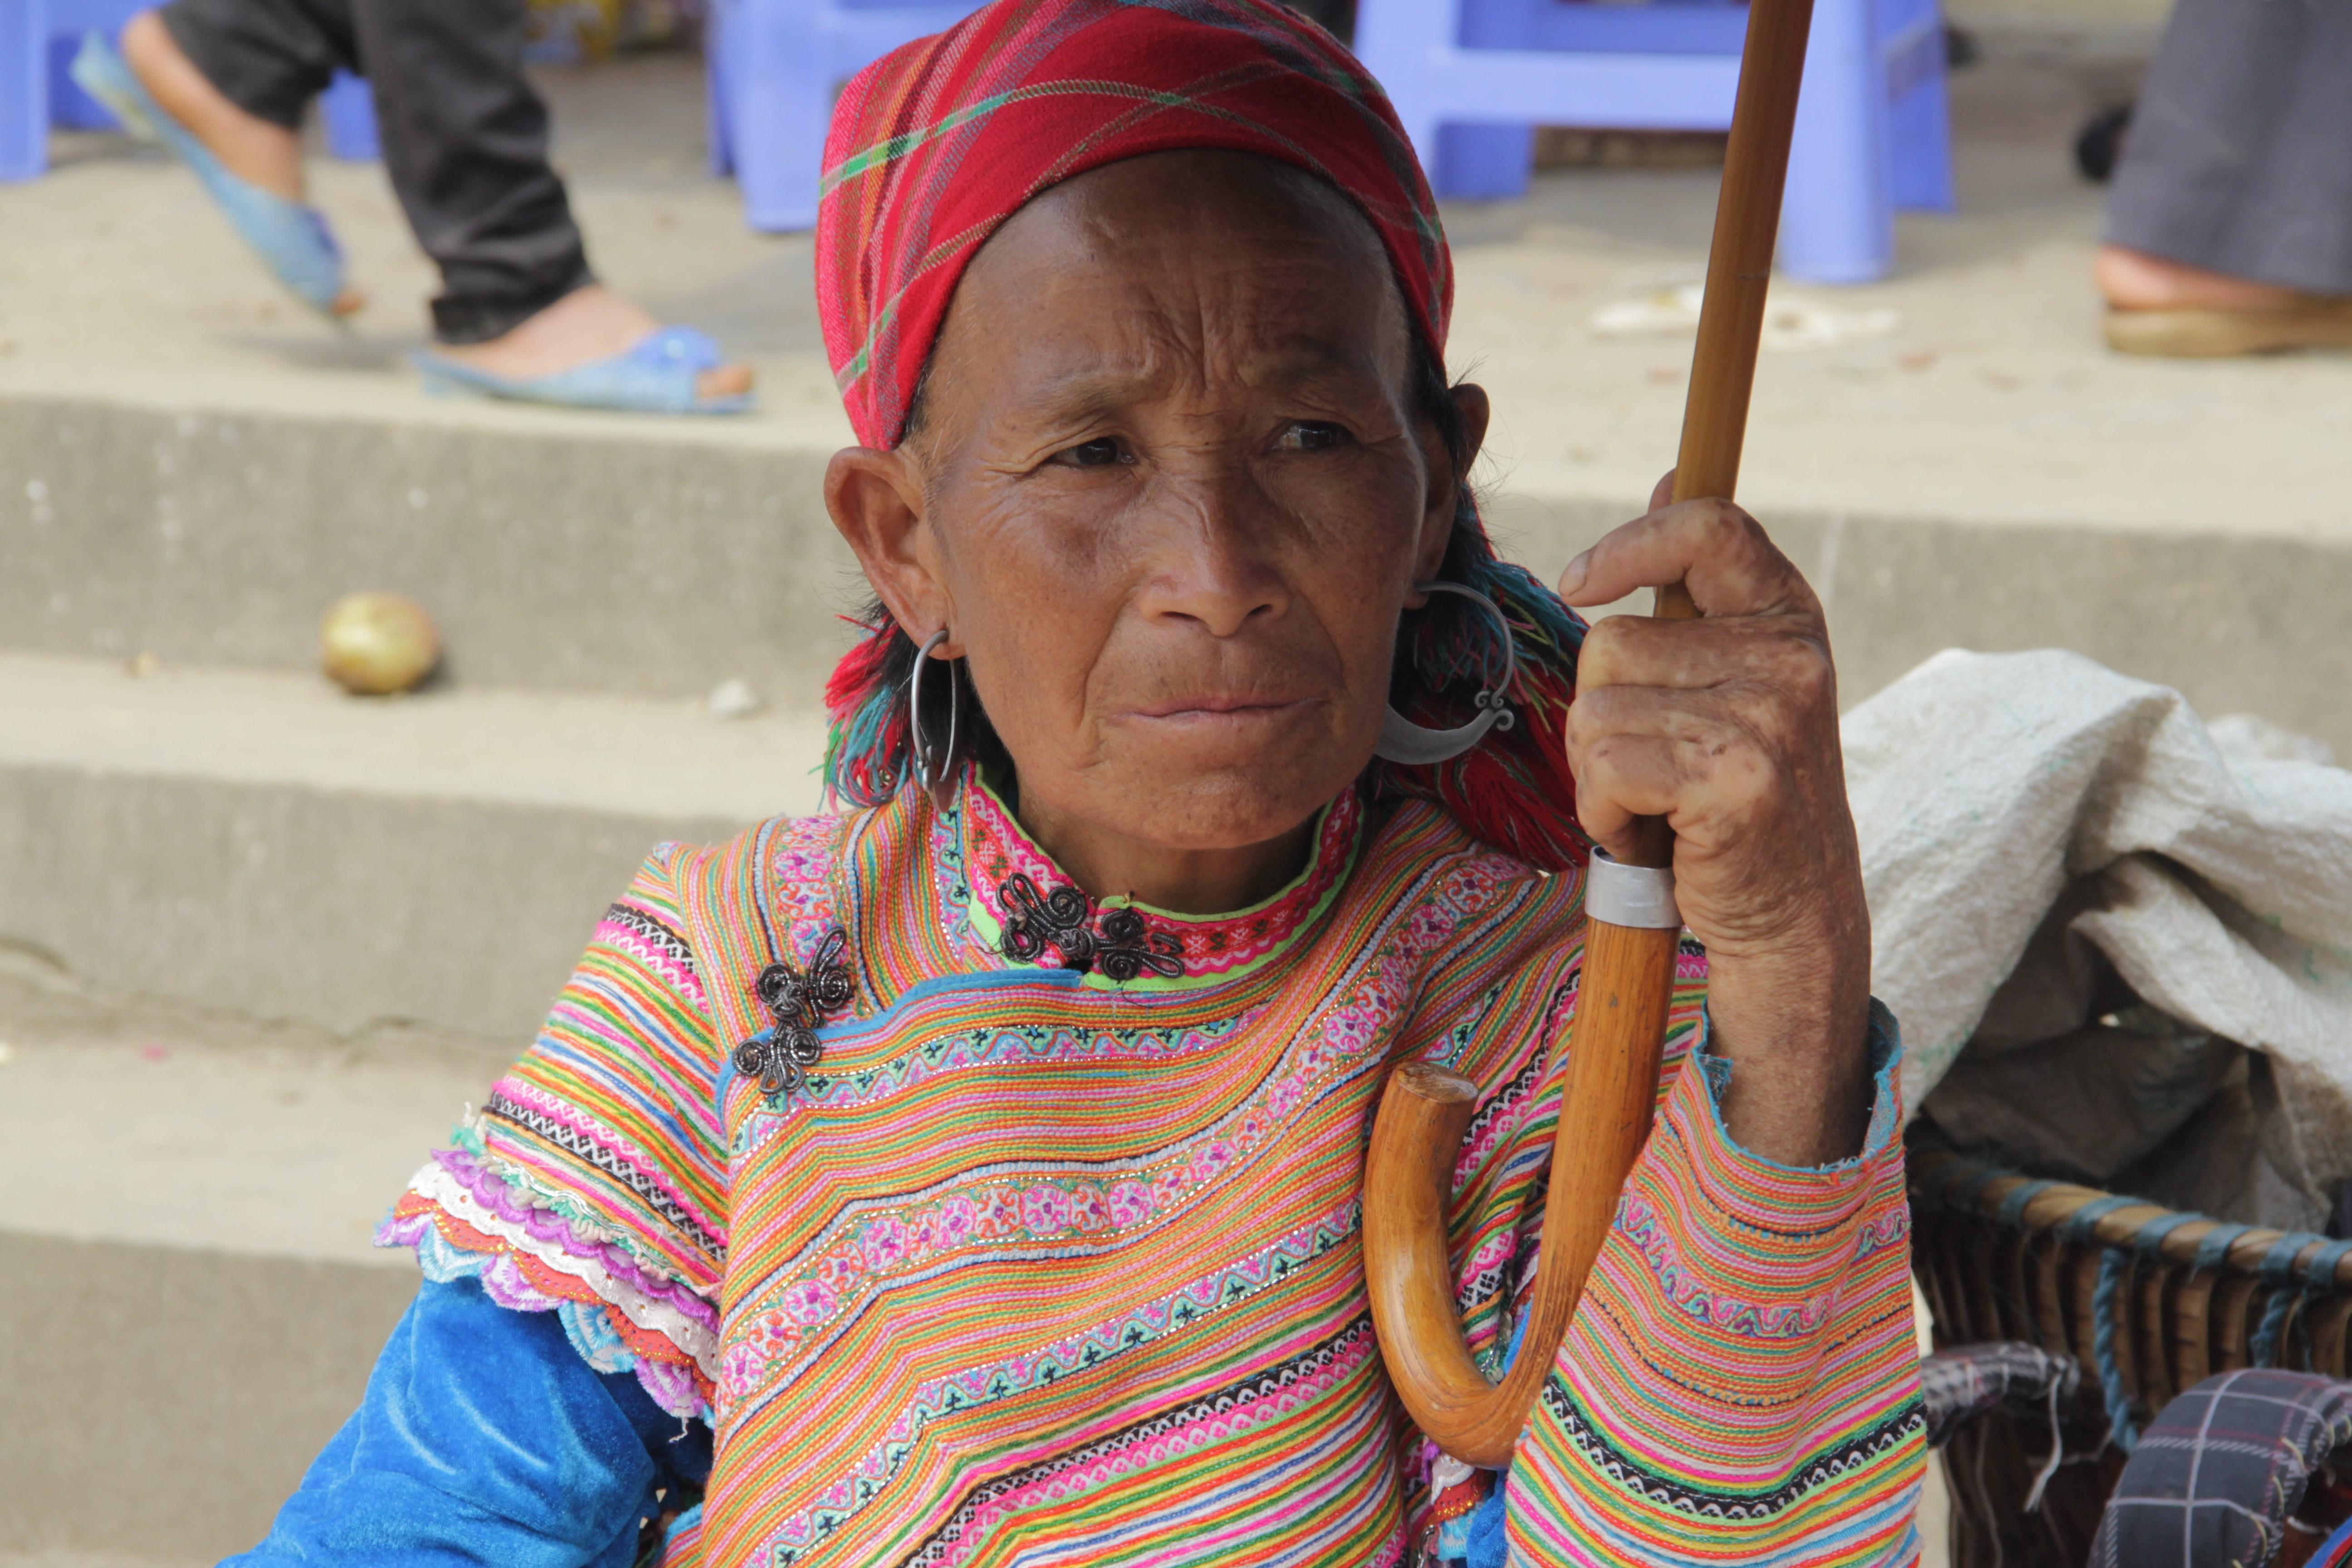 Les clients ne se bousculent pas au stand de cette vieille dame (© Jérôme Decoster).